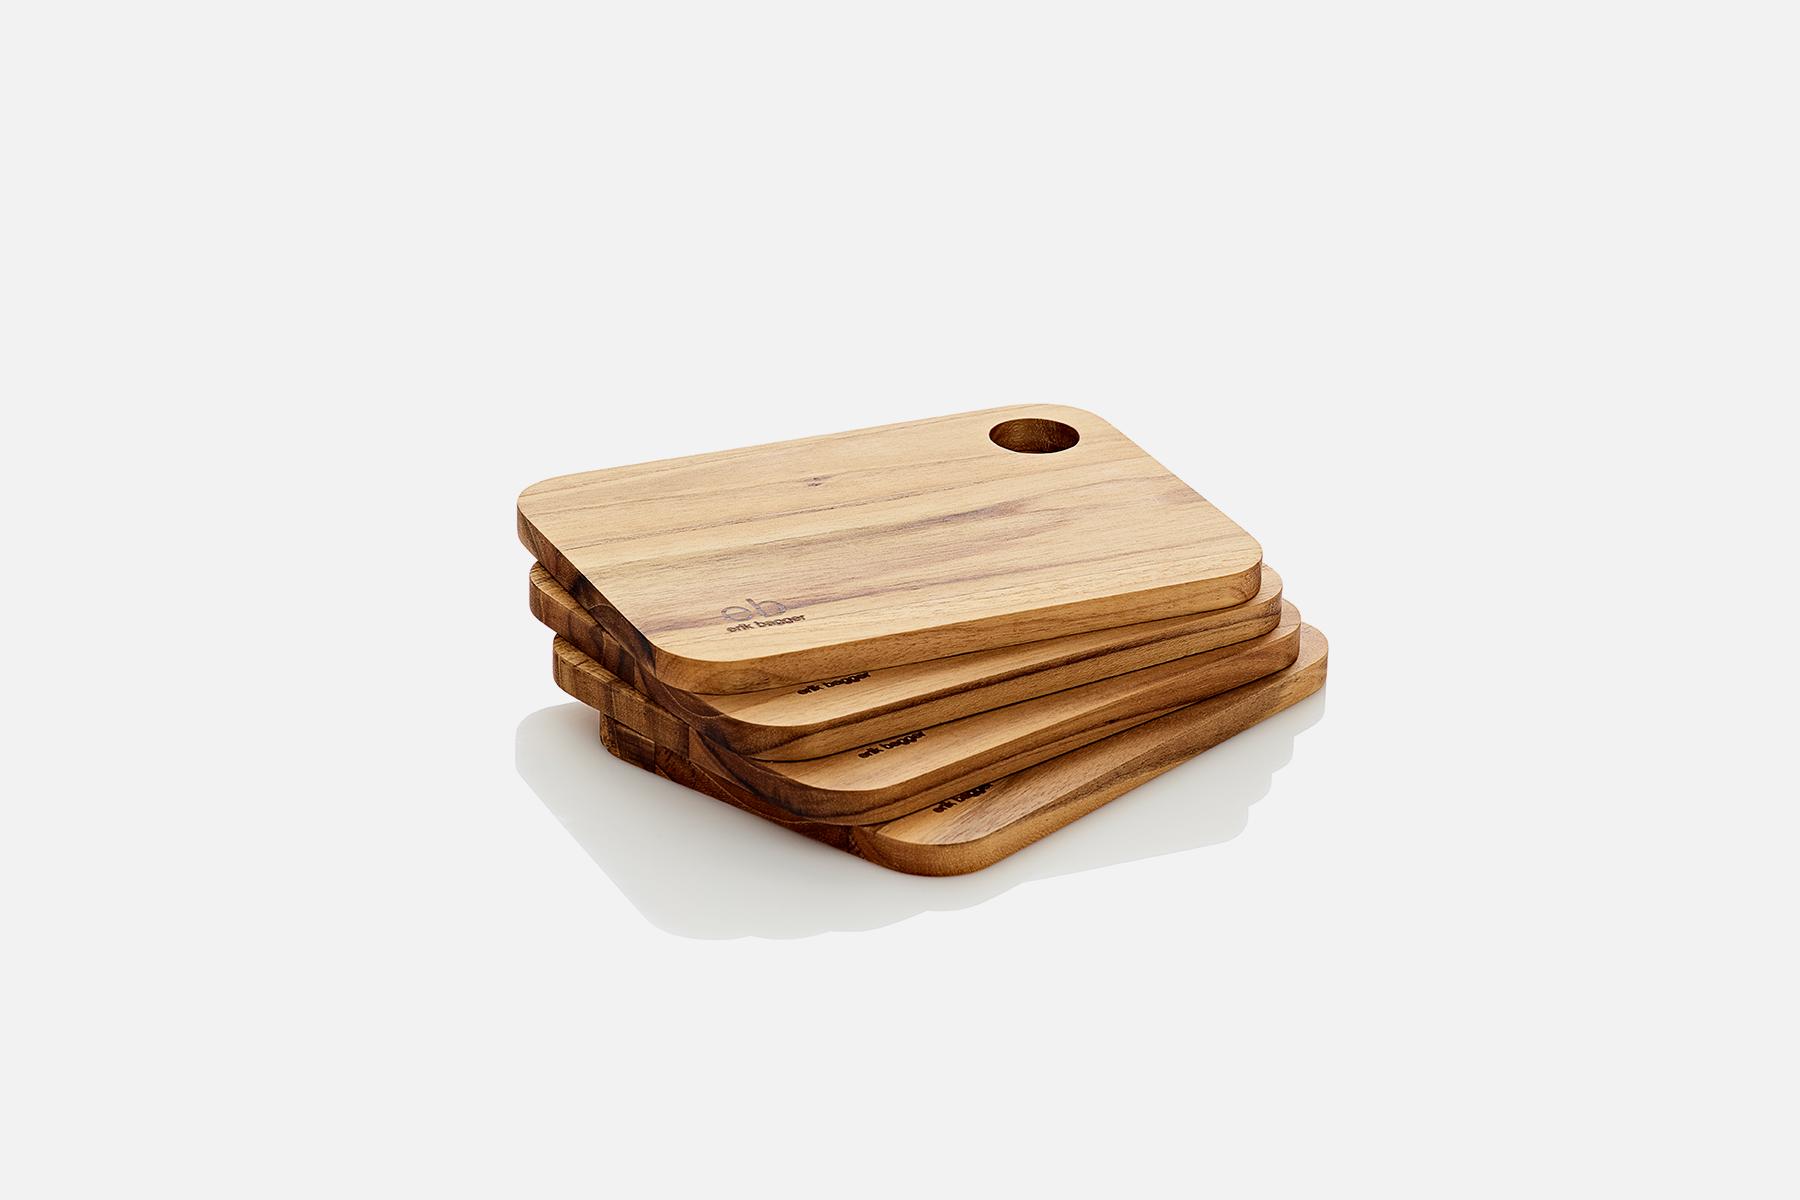 Buttering board - 4 pcs, 18x13 cmTeak, FSC certifiedDesign by eb design teamArt. no.: 58132